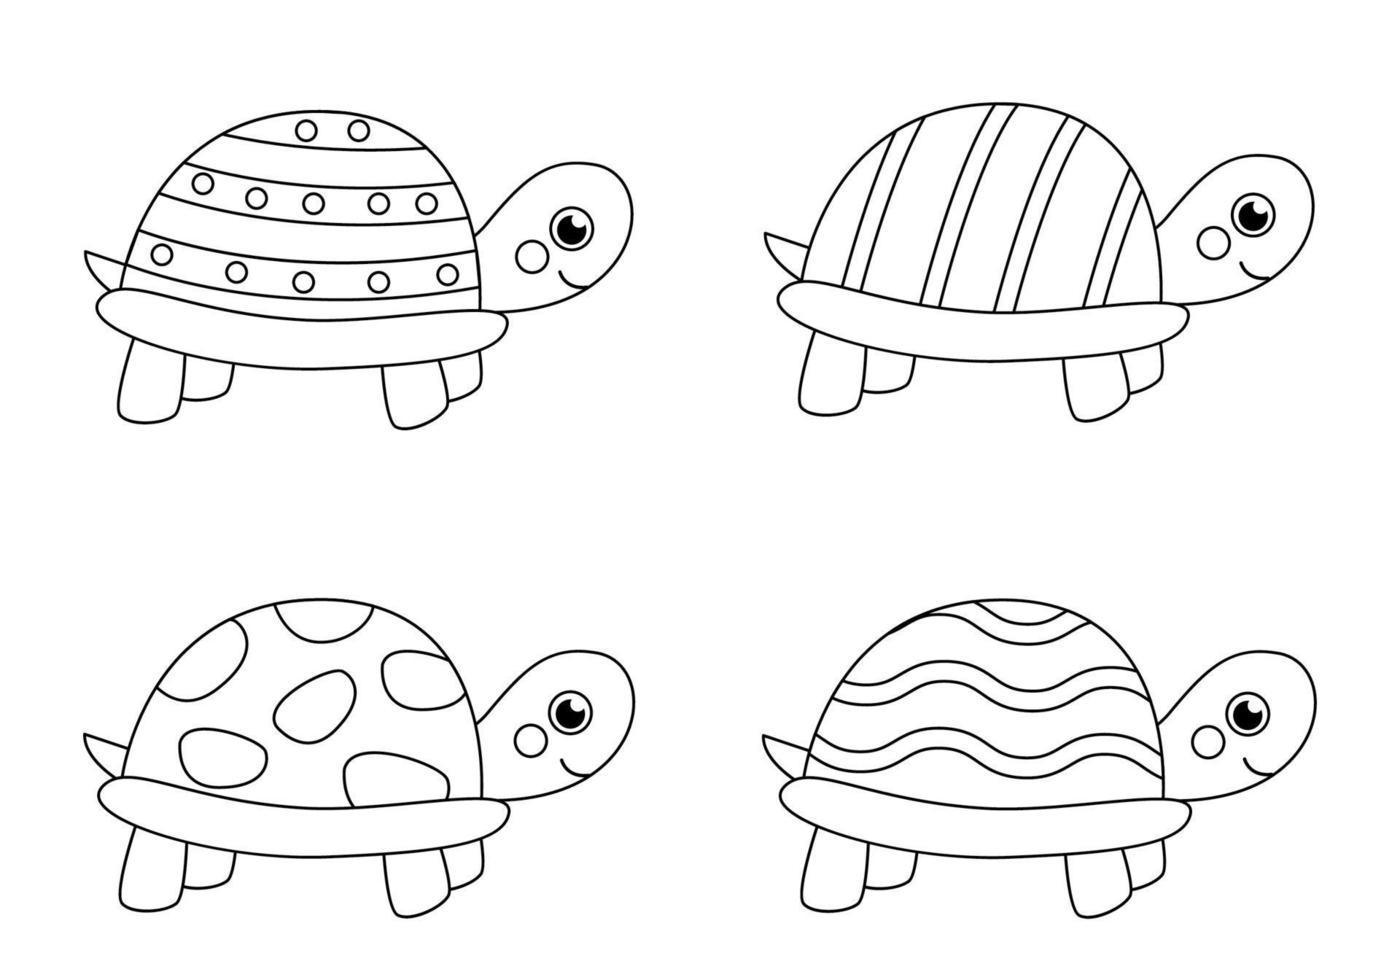 couleur des tortues noires et blanches. coloriage pour les enfants. vecteur